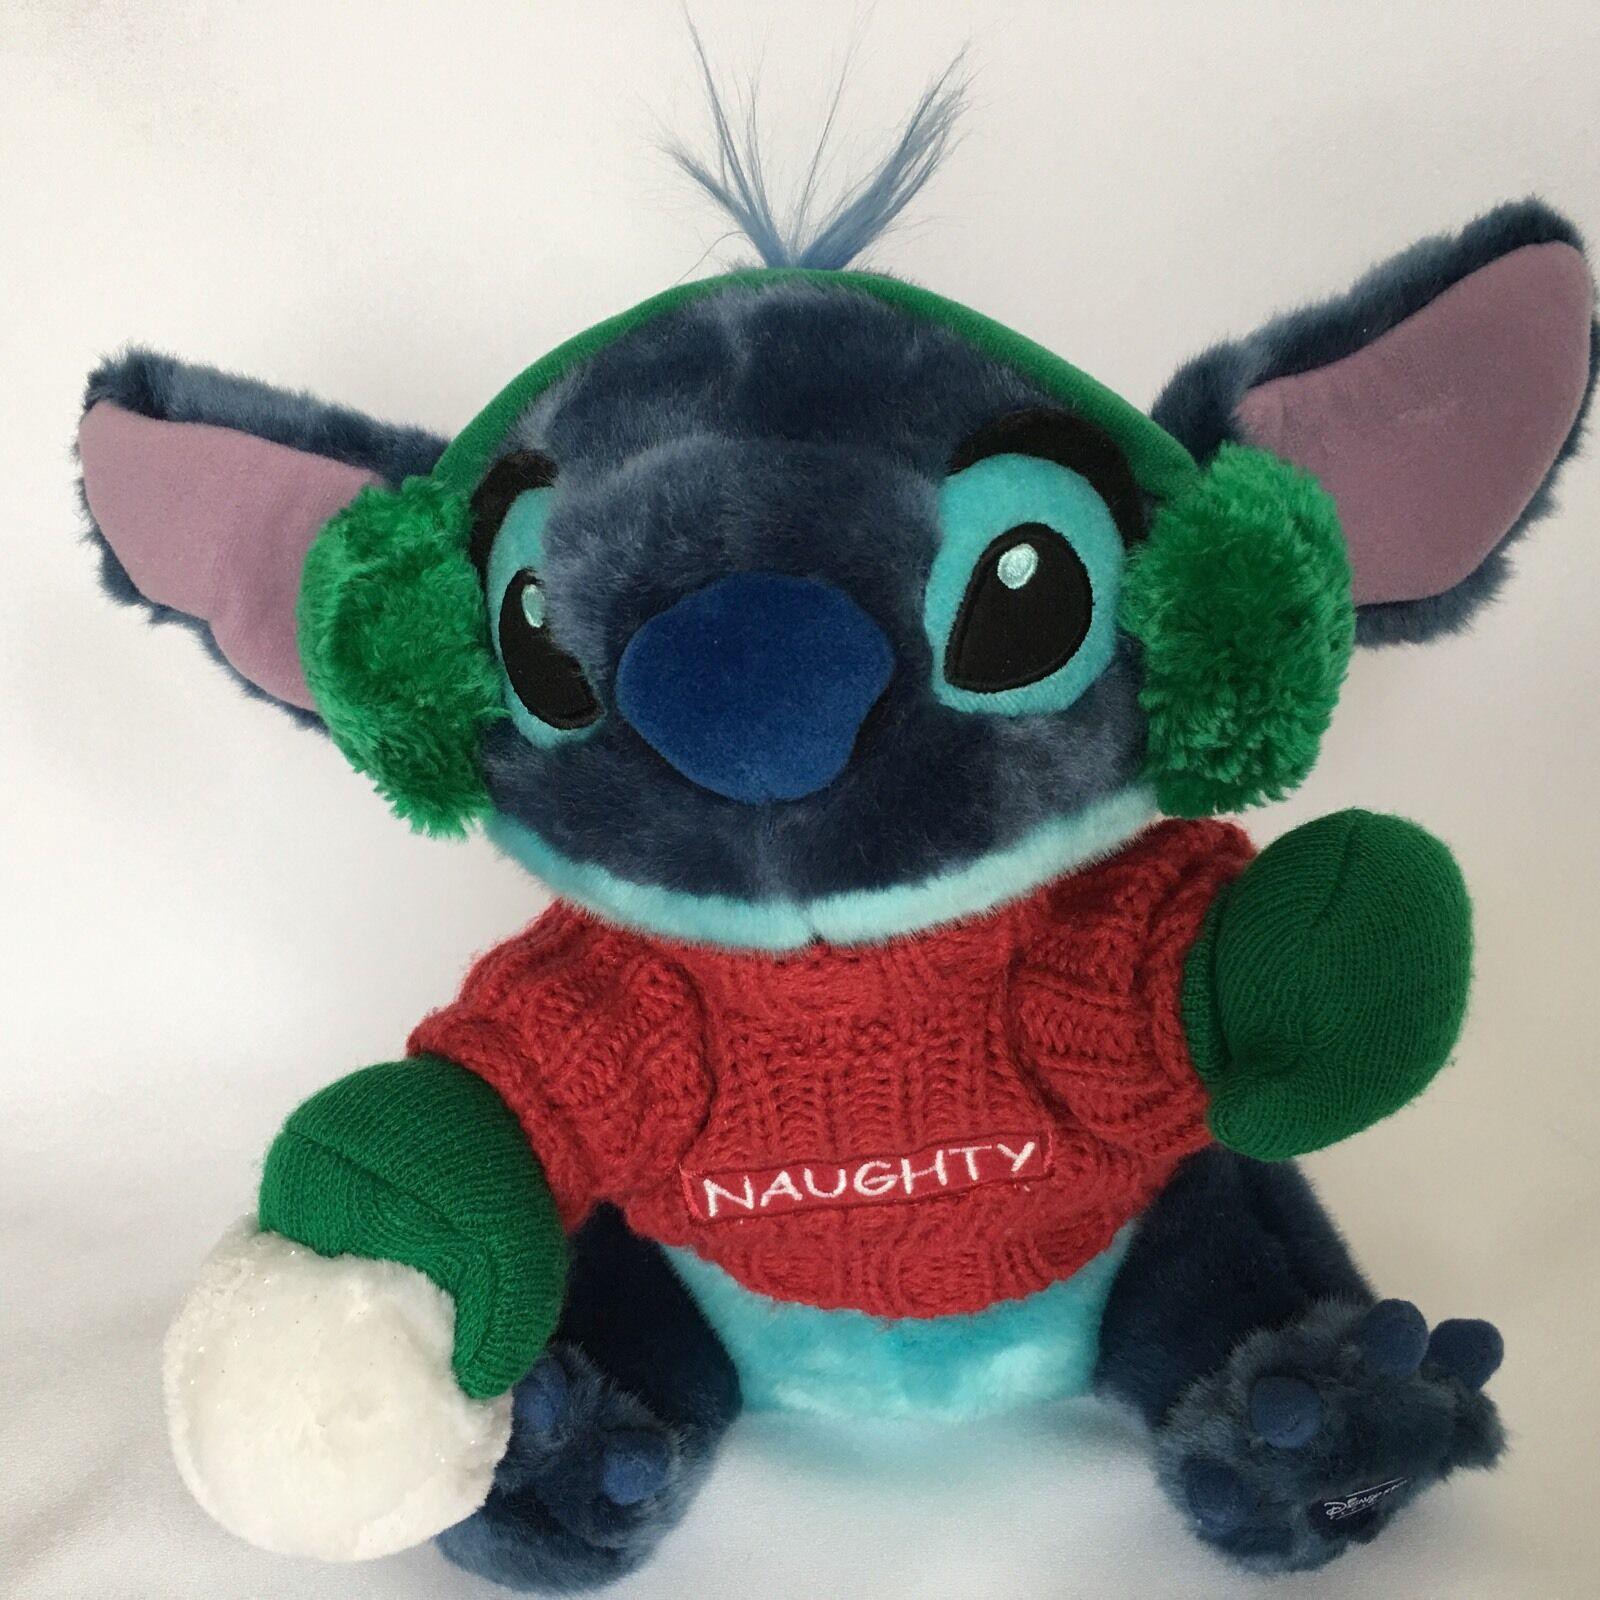 Disney Stitch From Lilo and Stitch Plush Blue Naughty Christmas Stuffed Animal